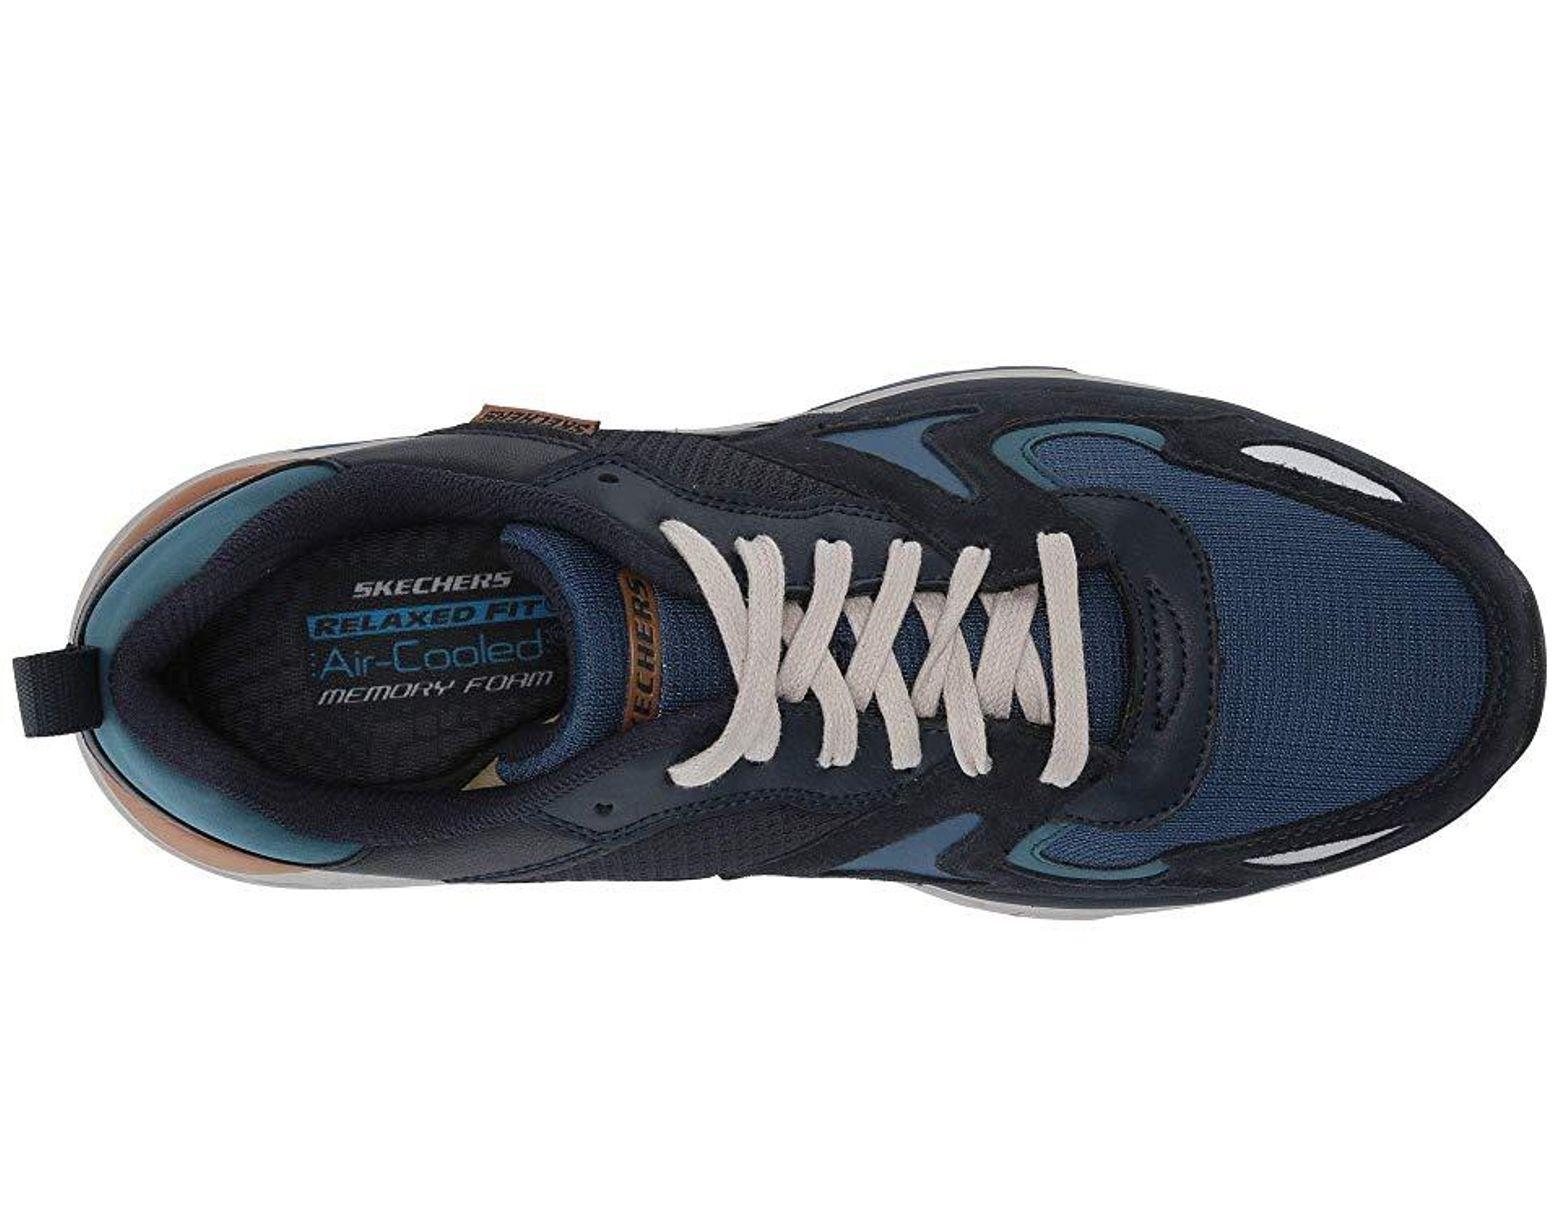 a928b22d126 Skechers Relaxed Fit Verrado - Brogen (navy) Shoes in Blue for Men - Lyst